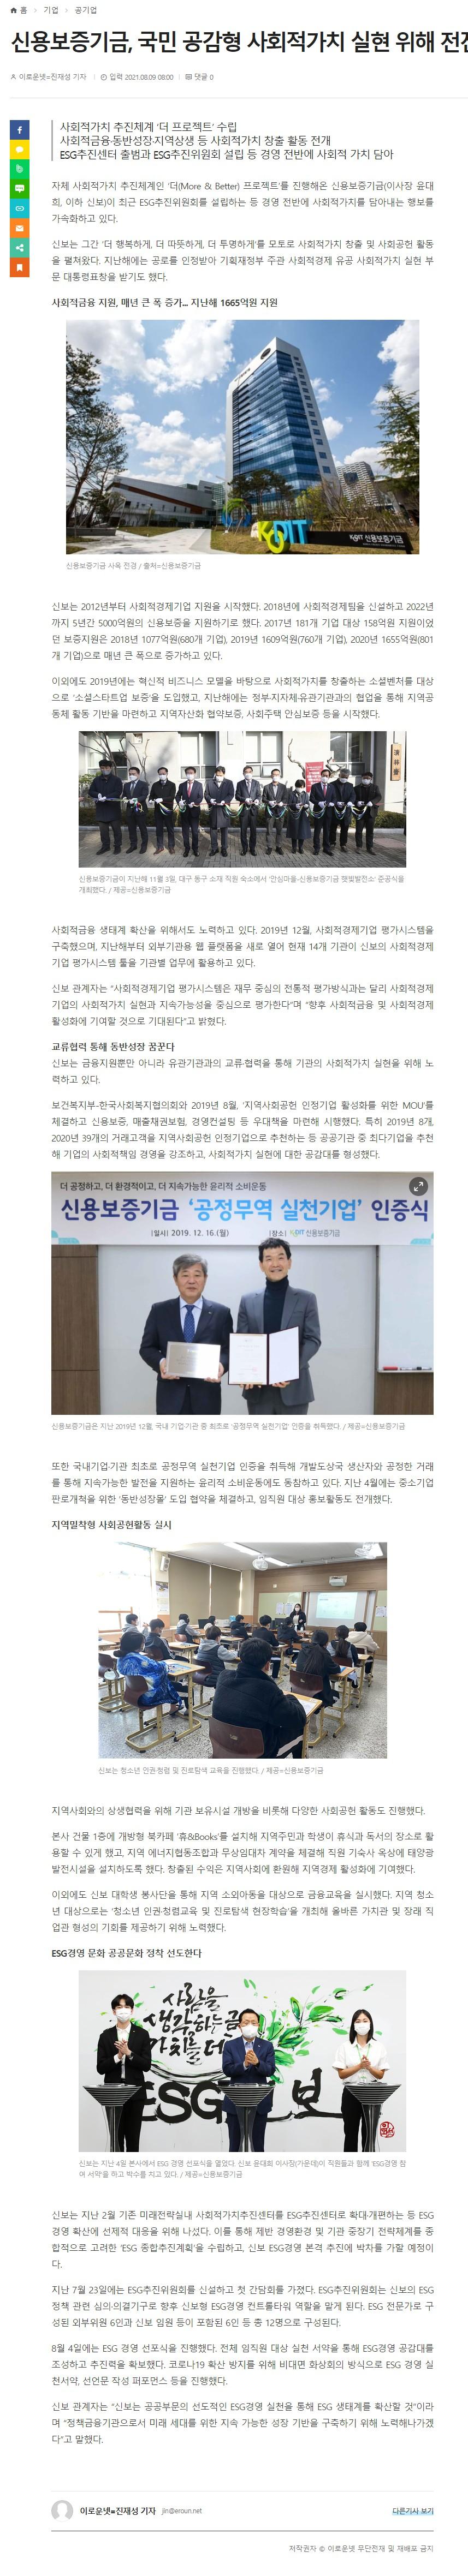 신용보증기금, 국민 공감형 사회적가치 실현 위해 전진